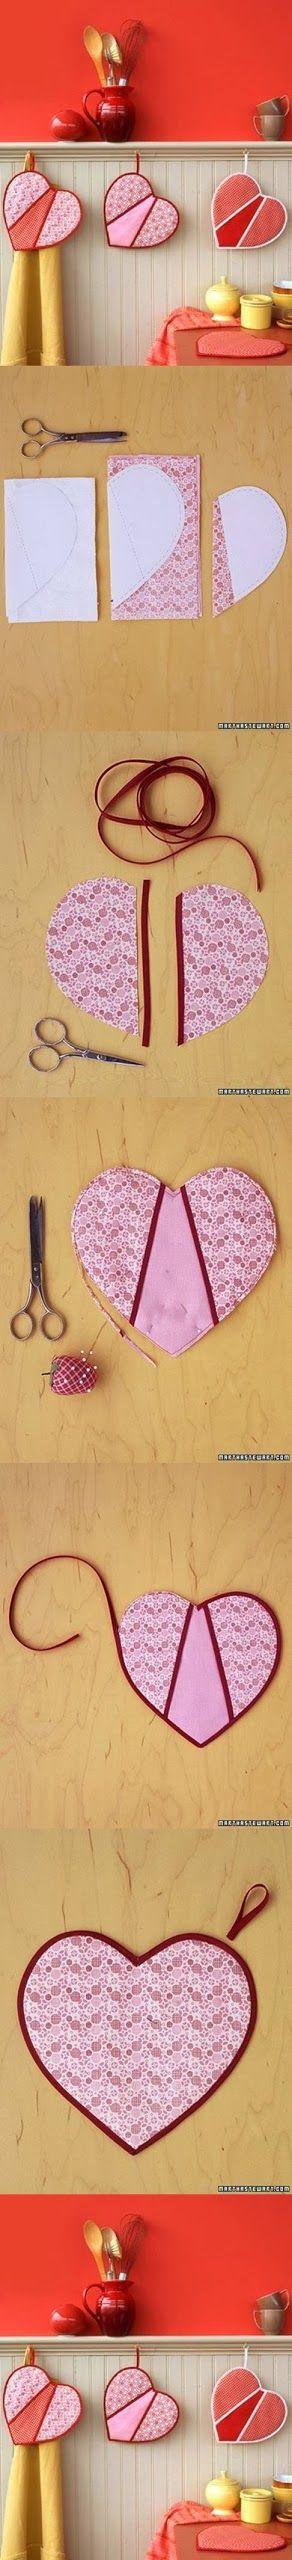 Heart Shaped Pot Hol